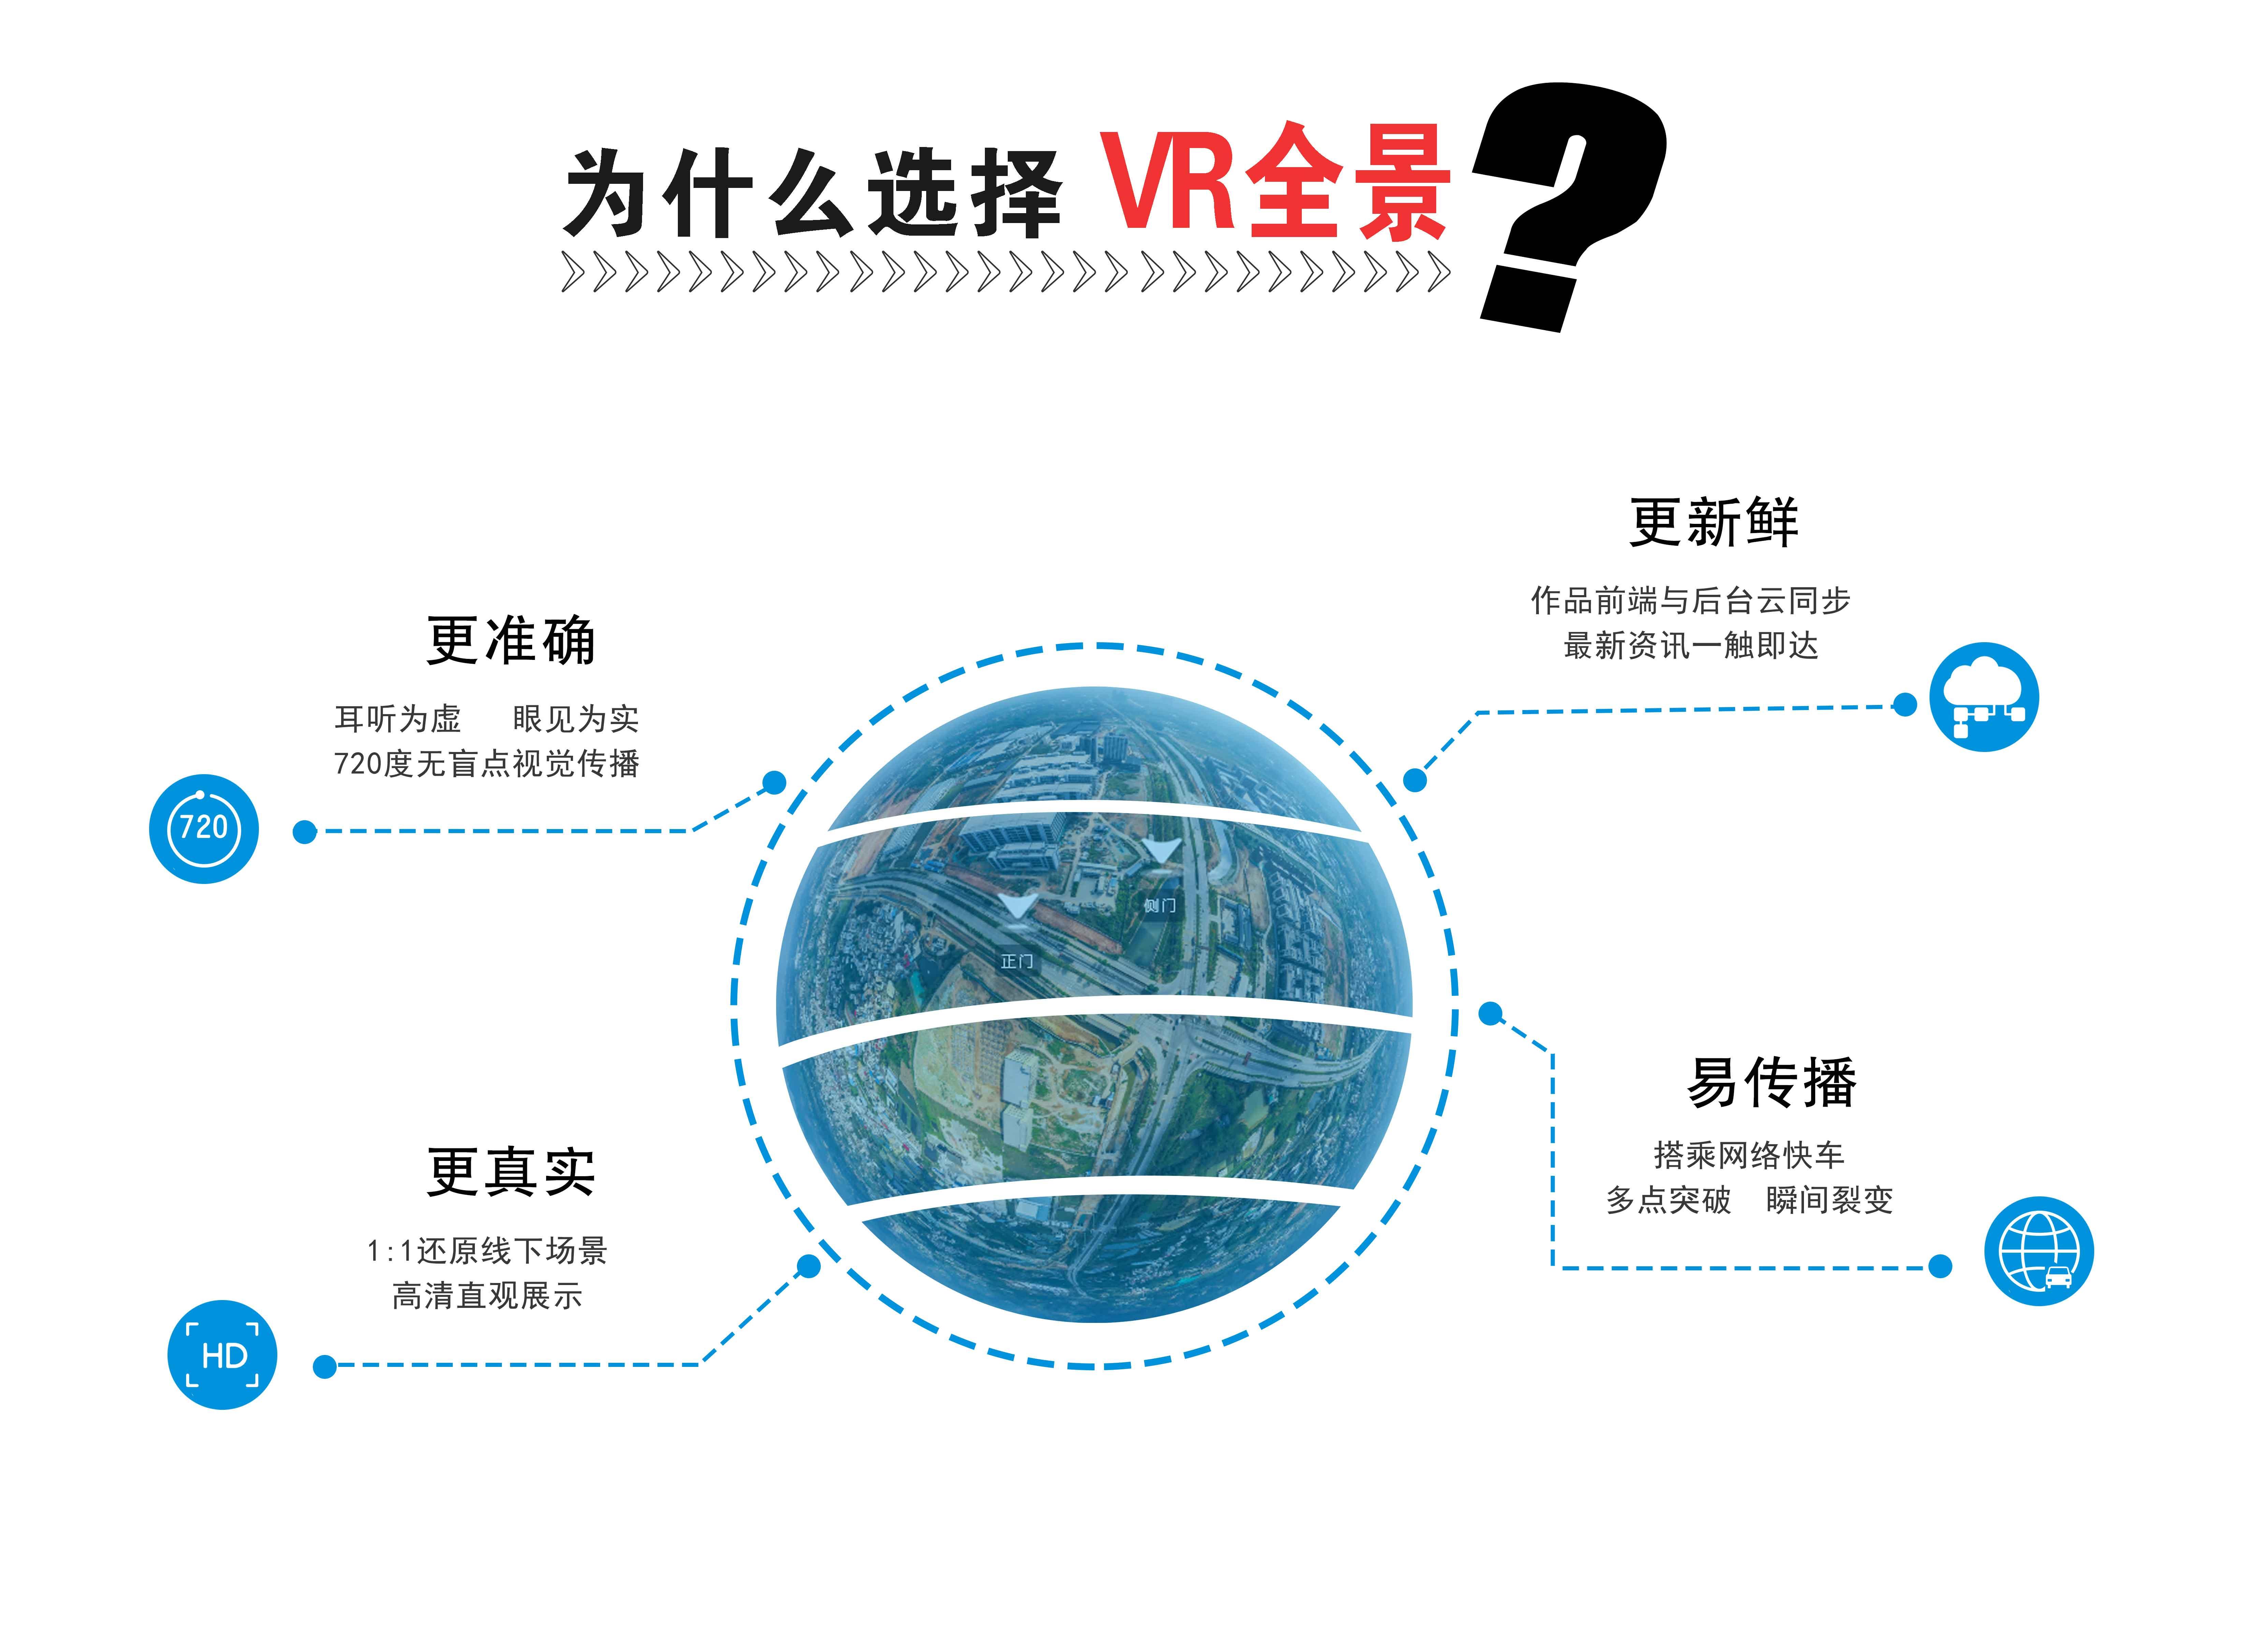 为什么要选择VR全景?